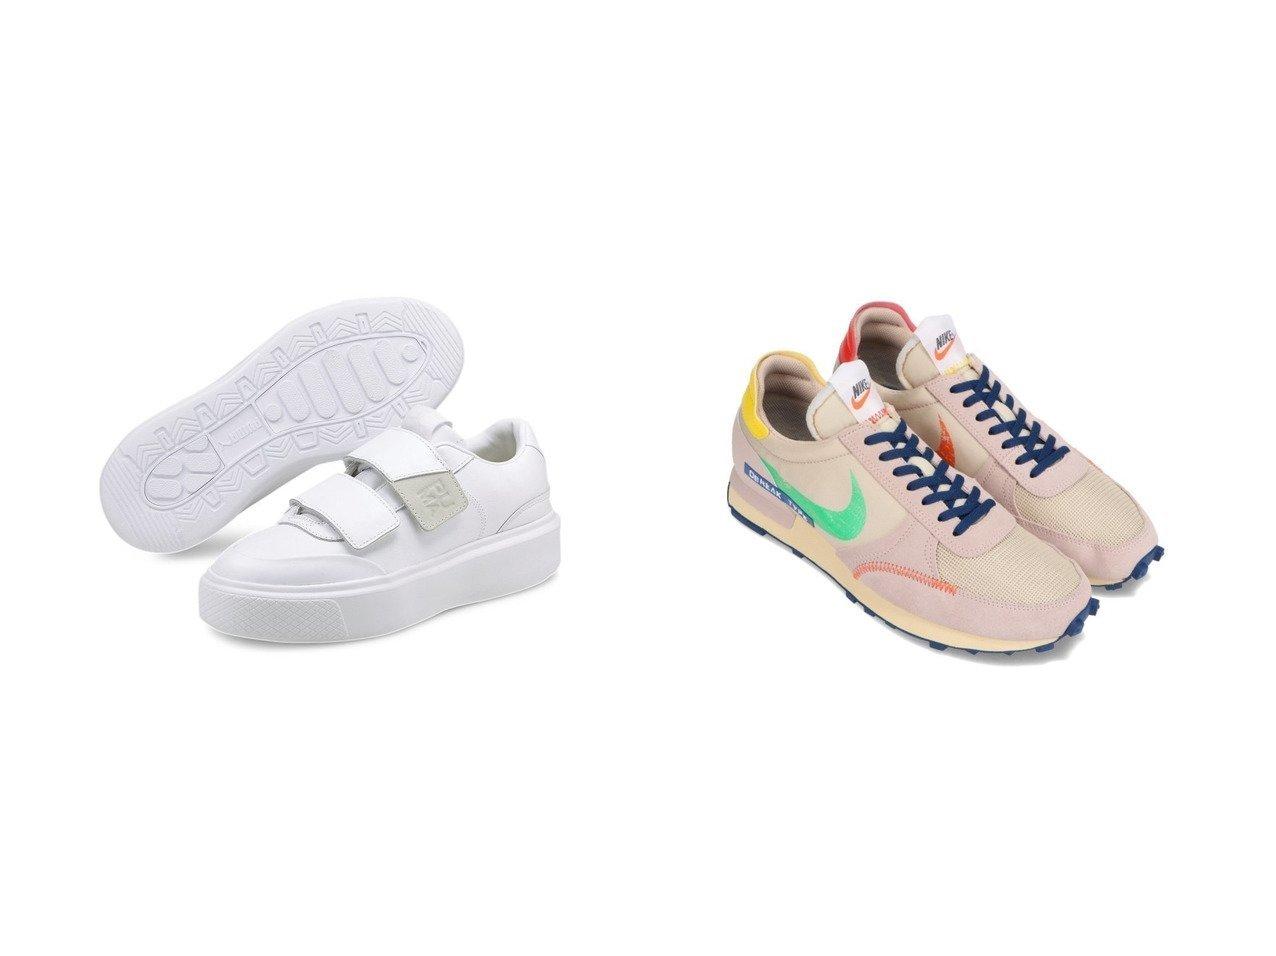 【NIKE/ナイキ】のNIKE DBREAK-TYPE&【PUMA/プーマ】のオスロ マヤ インフューズ ウィメンズ スニーカー 【シューズ・靴】おすすめ!人気、トレンド・レディースファッションの通販 おすすめで人気の流行・トレンド、ファッションの通販商品 メンズファッション・キッズファッション・インテリア・家具・レディースファッション・服の通販 founy(ファニー) https://founy.com/ ファッション Fashion レディースファッション WOMEN シューズ スエード スニーカー スリッポン メッシュ モダン ランニング 2021年 2021 2021春夏・S/S SS/Spring/Summer/2021 S/S・春夏 SS・Spring/Summer コレクション シンプル 春 Spring 軽量 |ID:crp329100000035491